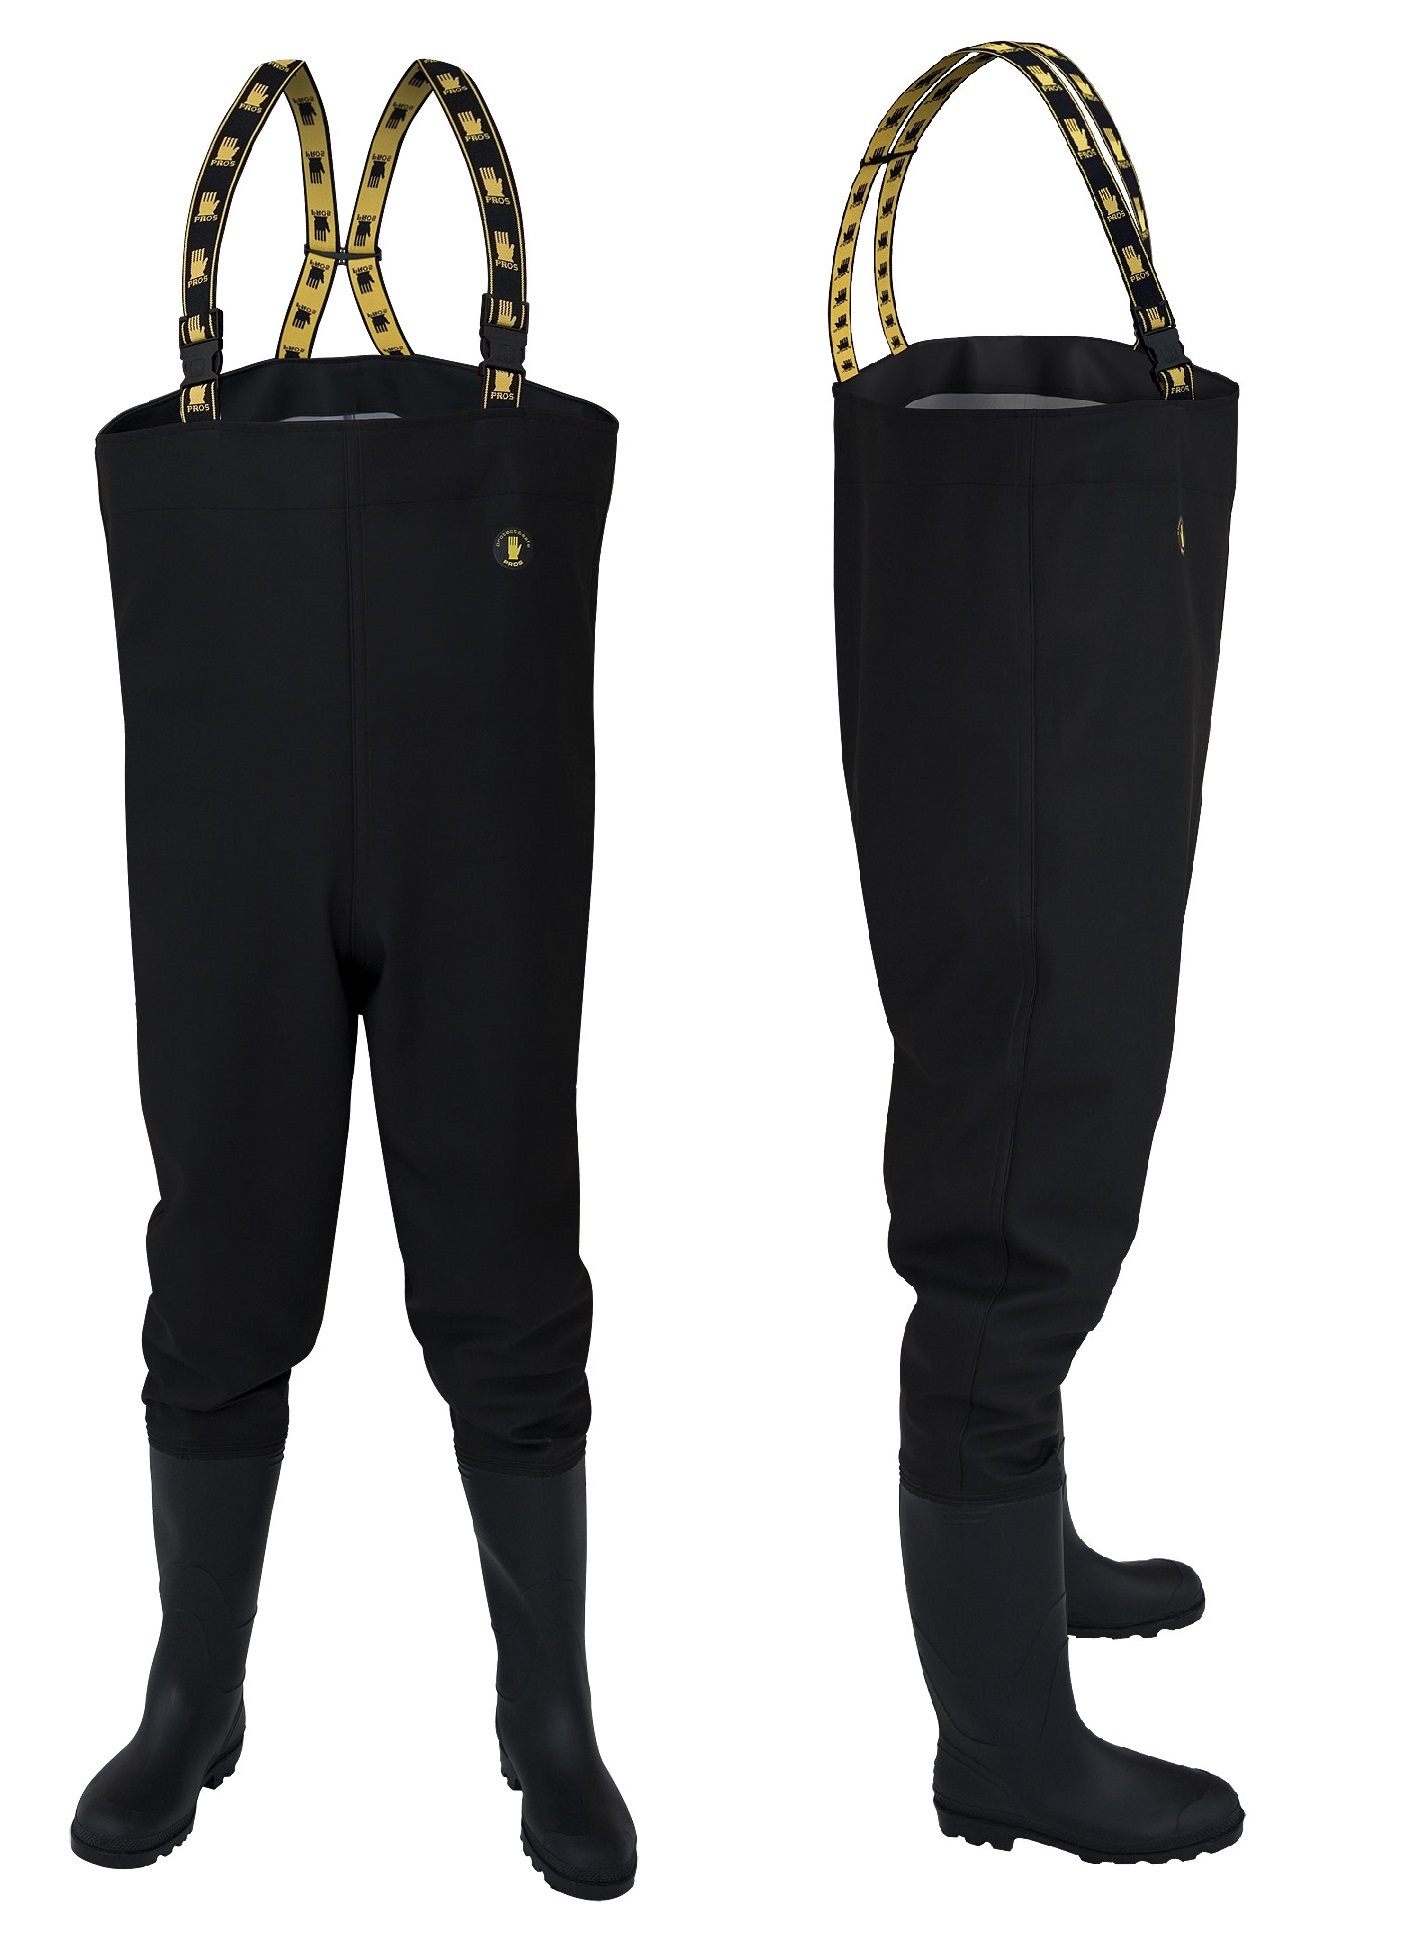 Topánky Marsh Rybolovu Čierne KLADY veľkosť. 43